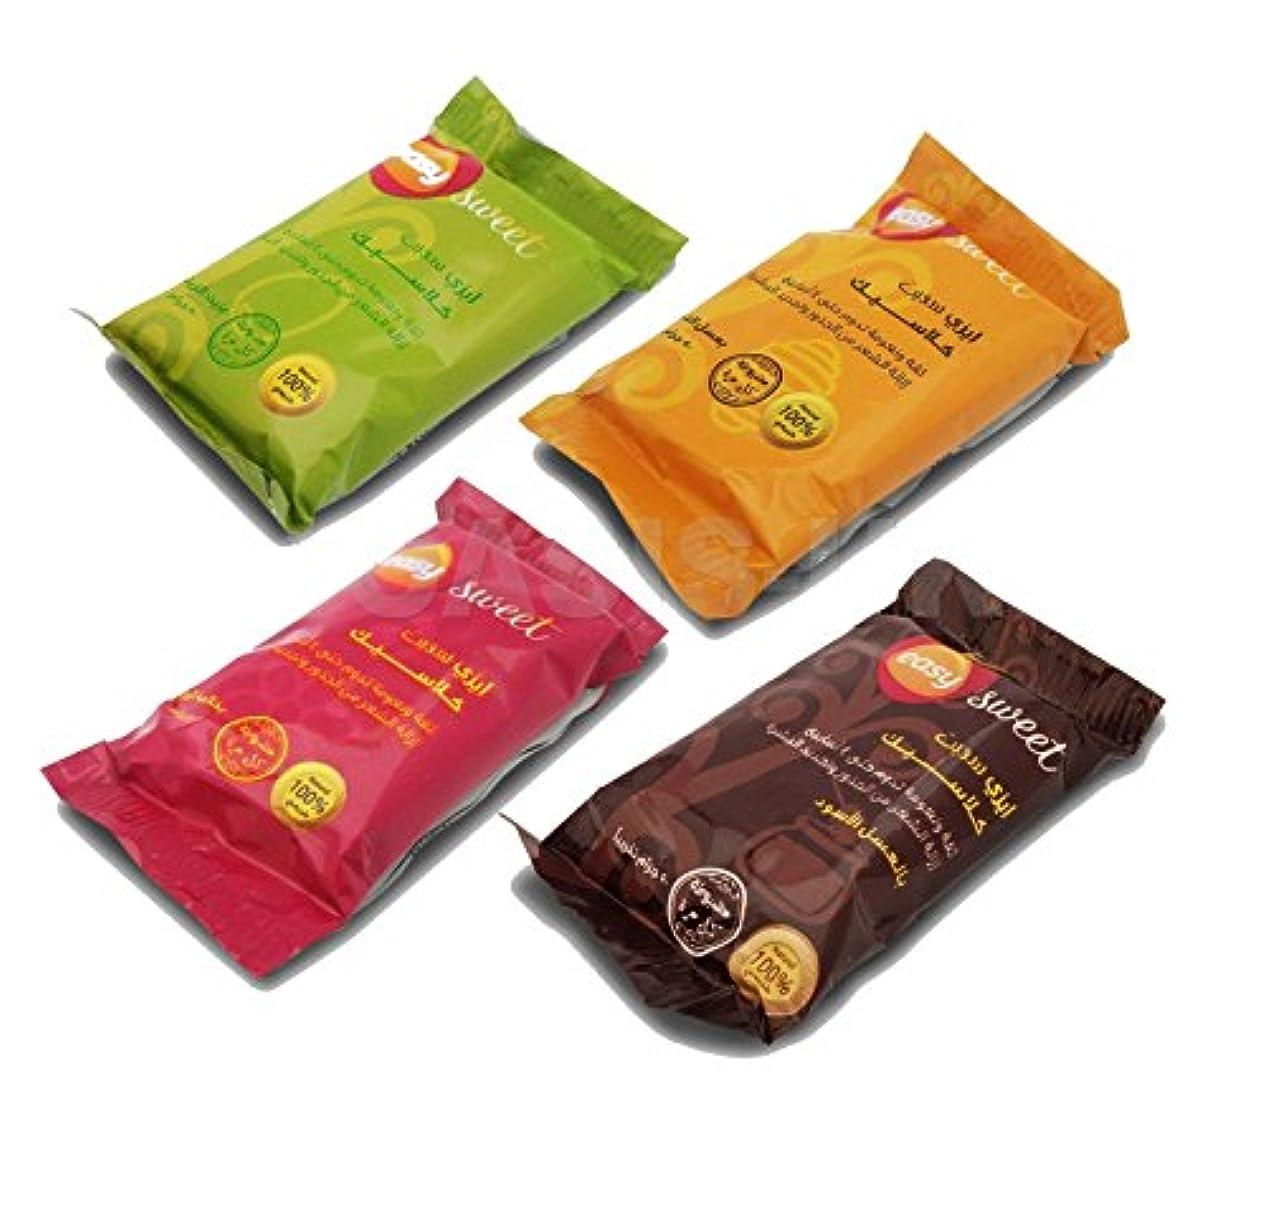 バージン介入する市民8 X 50 gm Sweet Packets Sugaring Sugar Wax Hair Removal 100% Natural All Essence